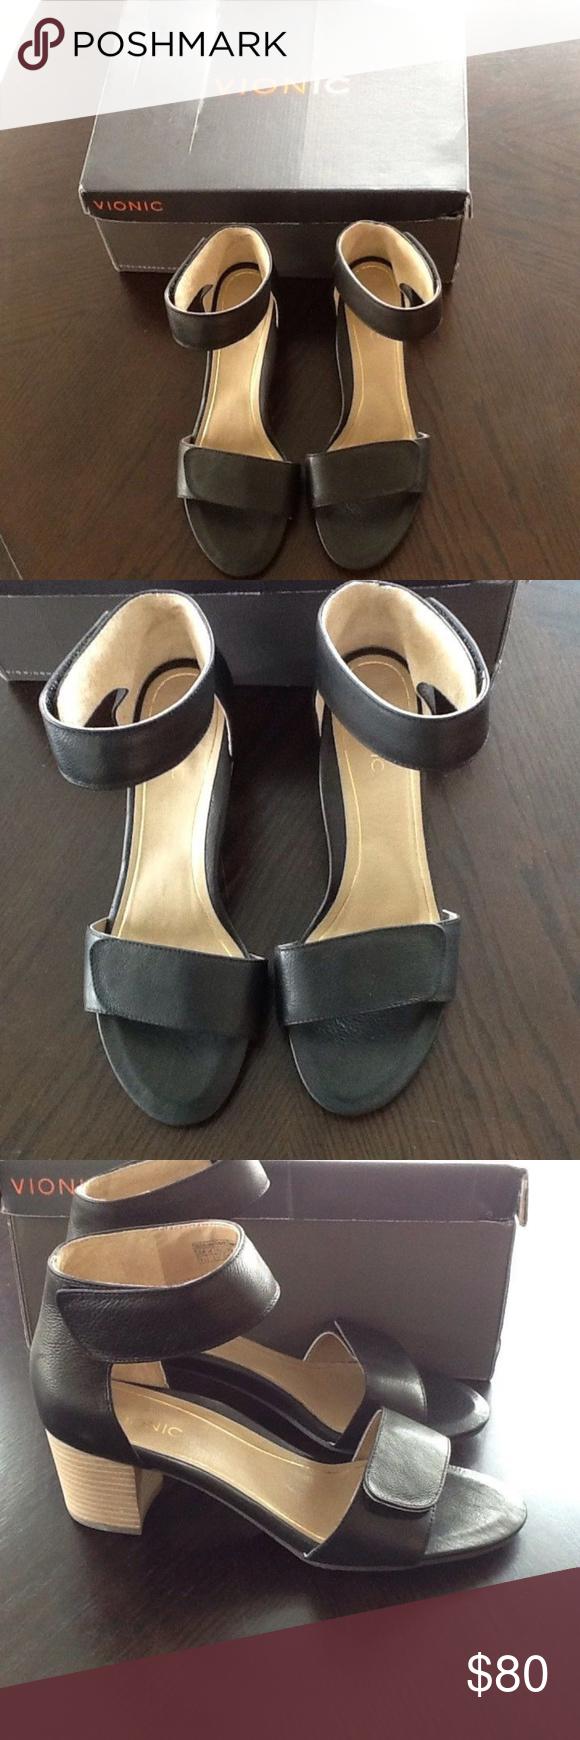 fb516d54427e Vionic Pep Solana Black Calf Sandals Womens 9.5 Vionic Pep Solana Black  Calf Sandals Womens 9.5